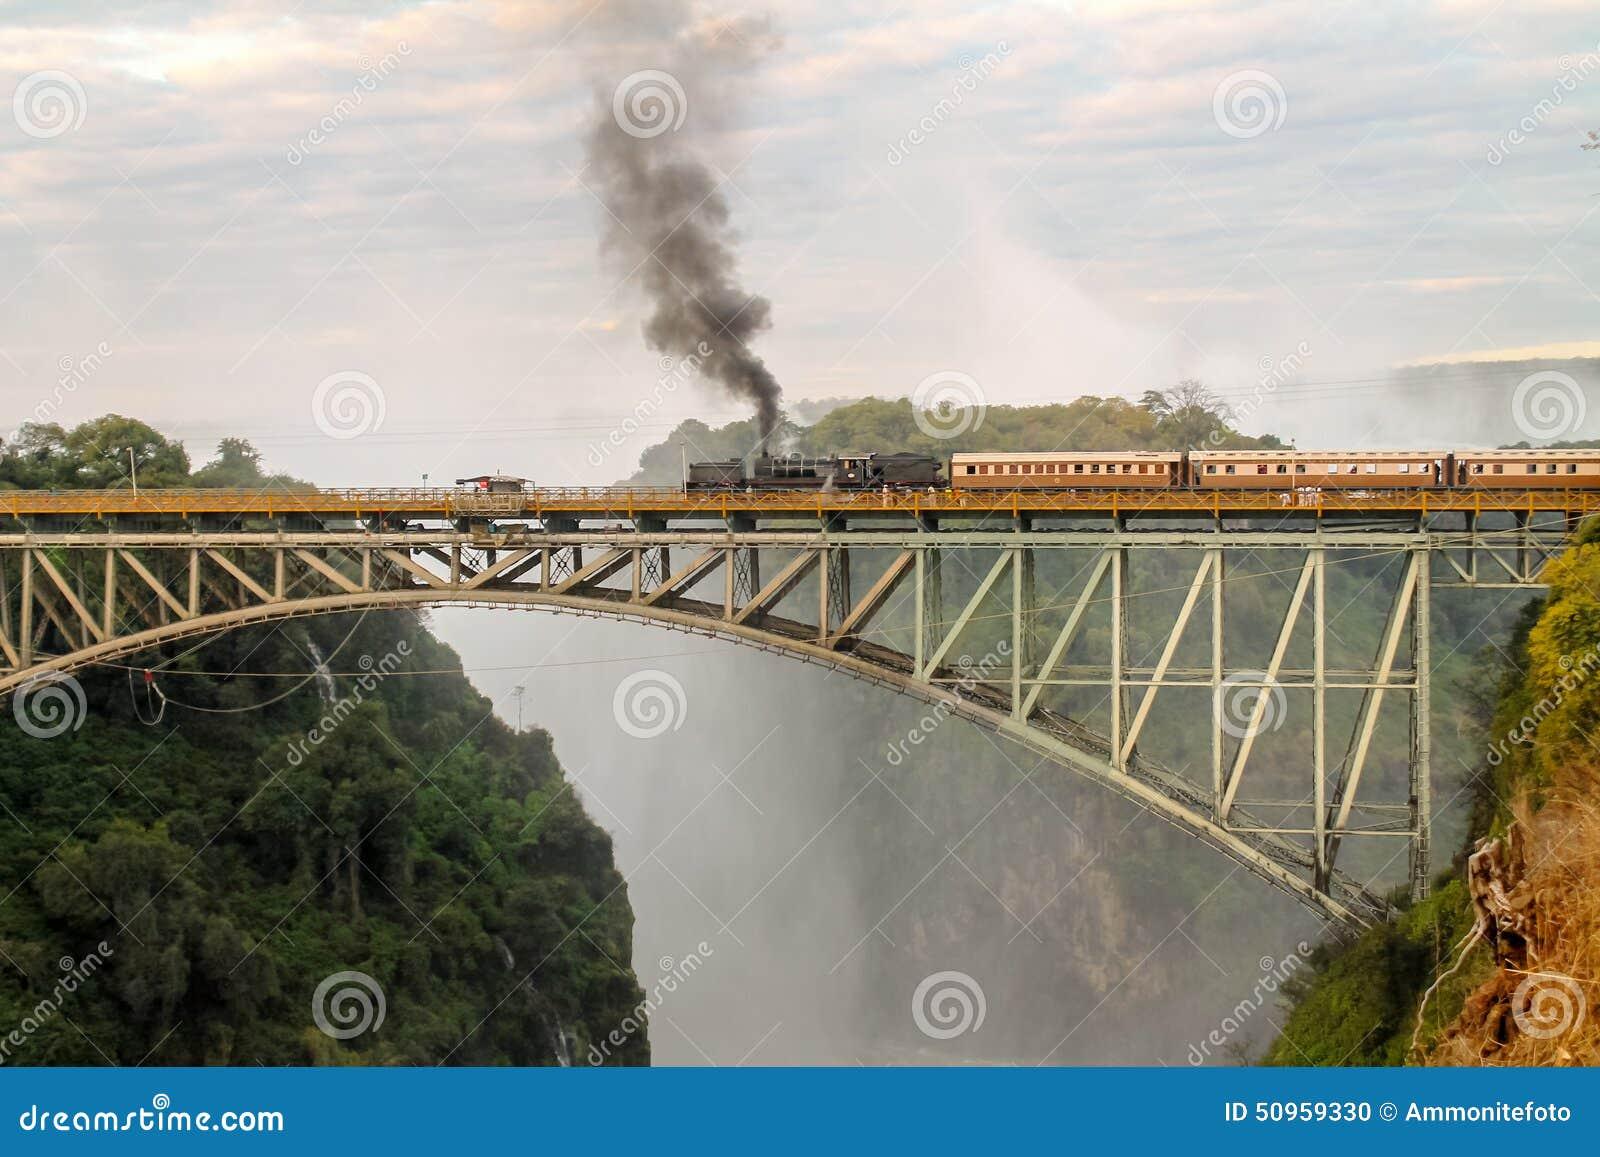 梦见火车把桥压断了